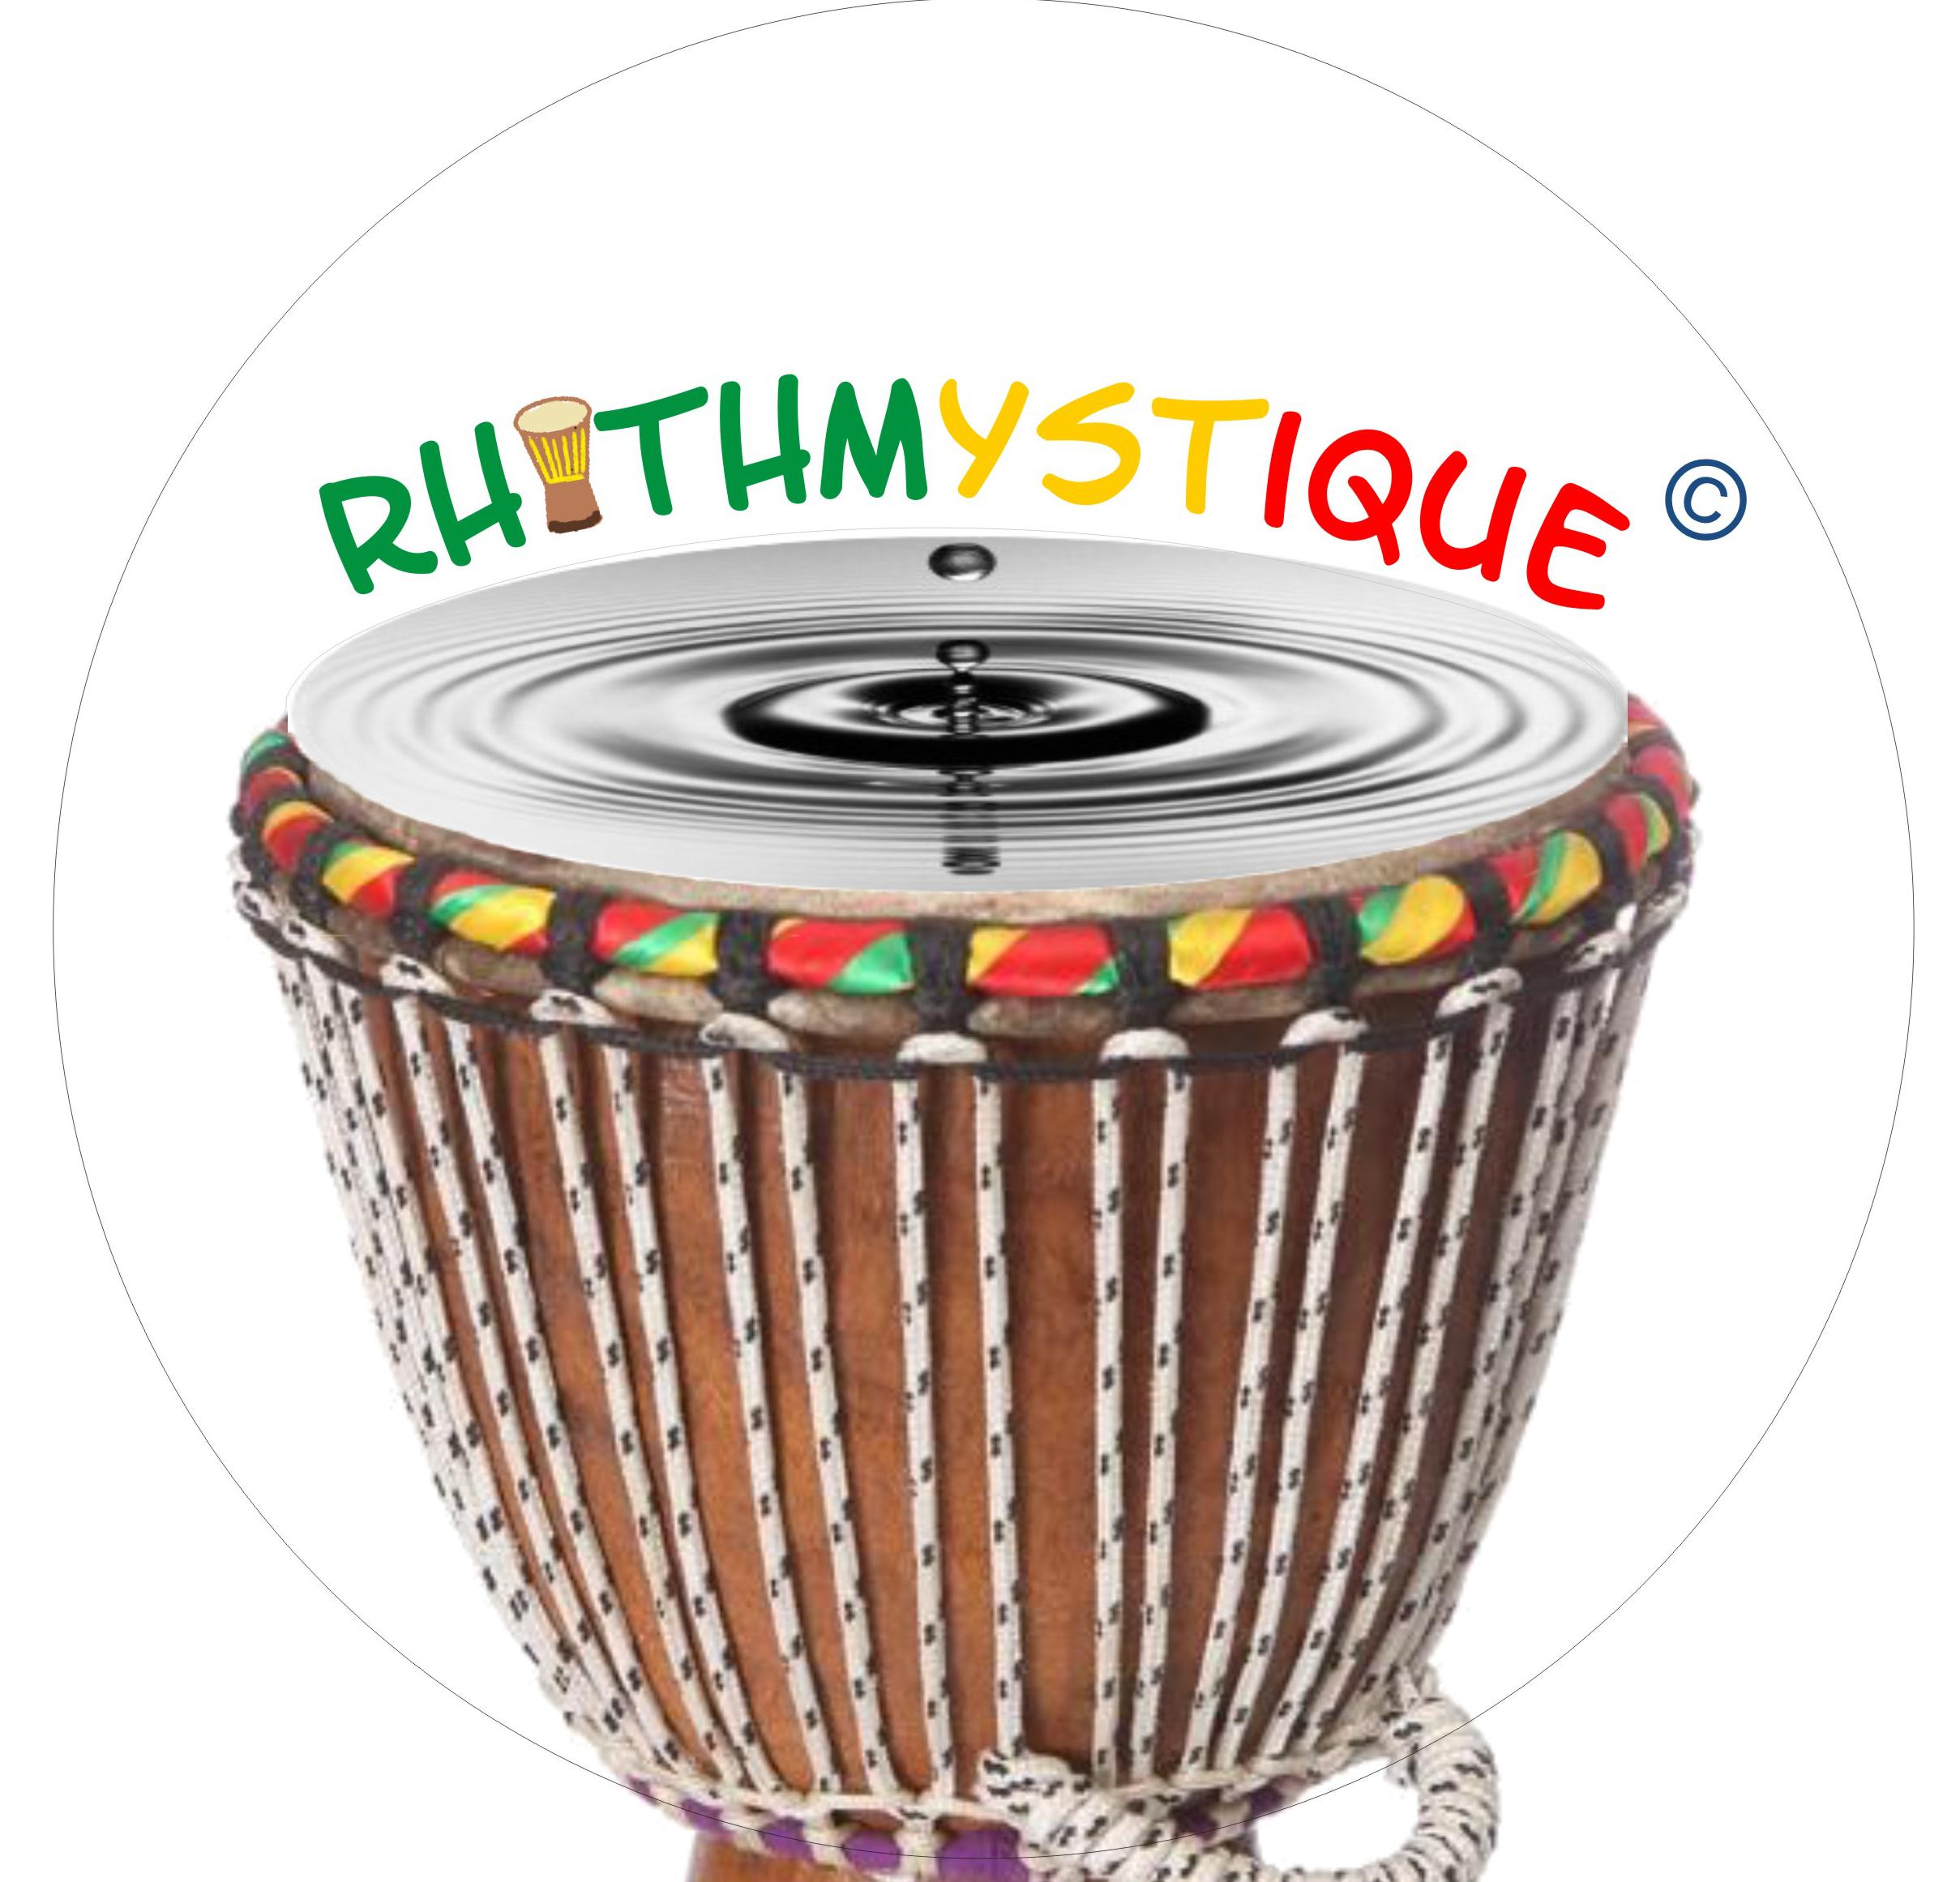 Rhythmystique - Afrikanisches Trommeln mit Ousmane Sow